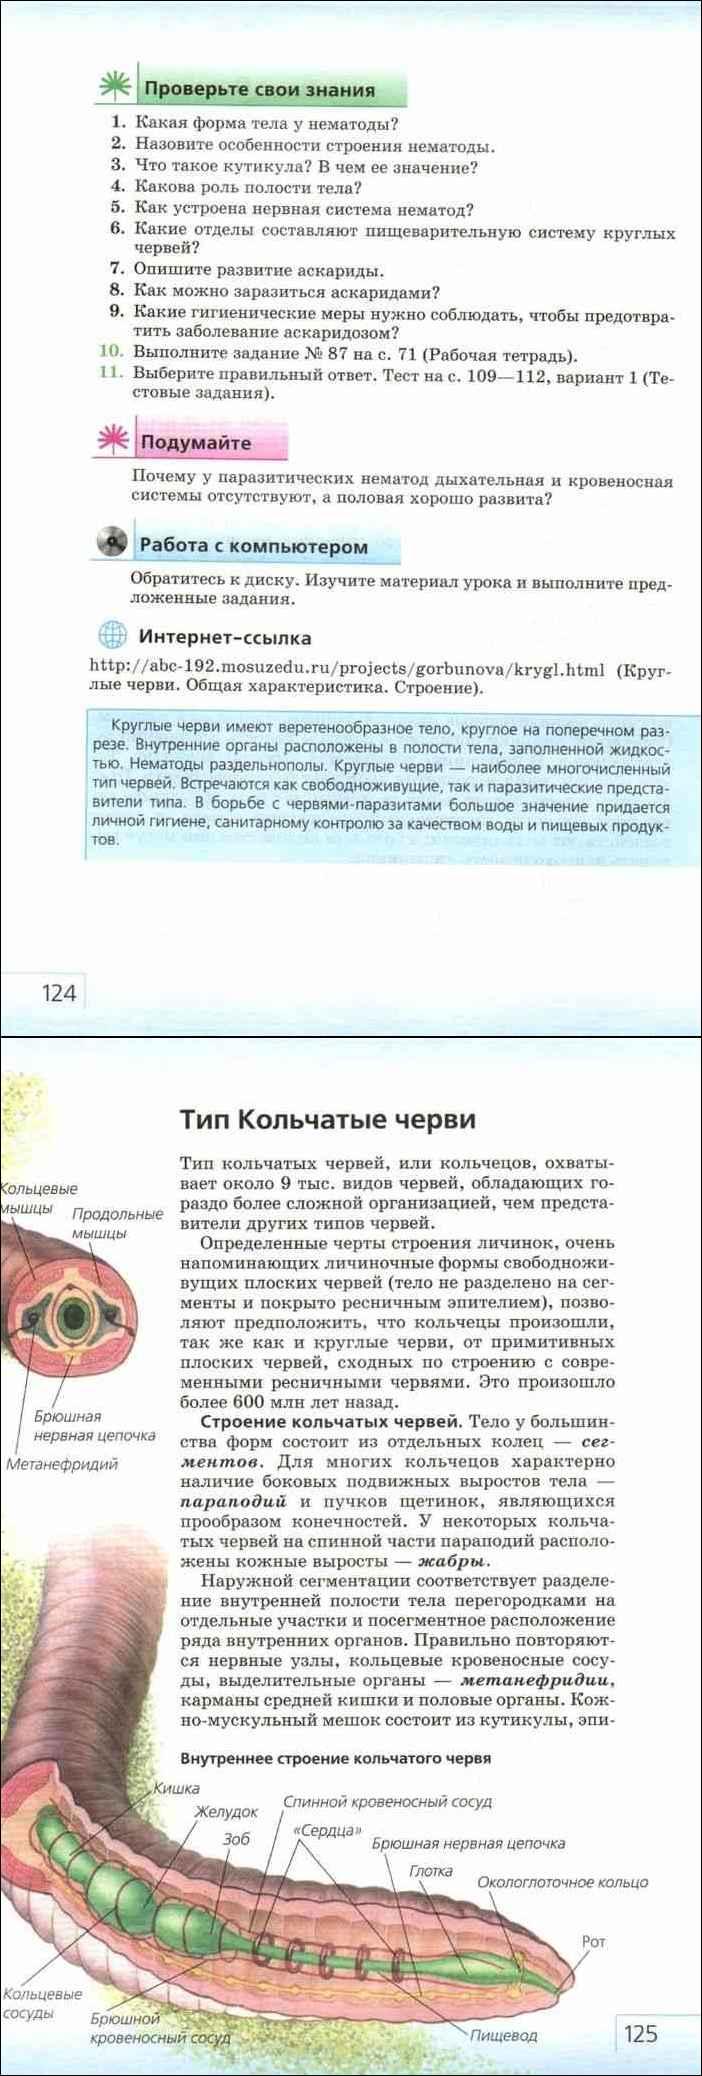 Биология. 7 класс. Многообразие живых организмов. Захаров в. Б.